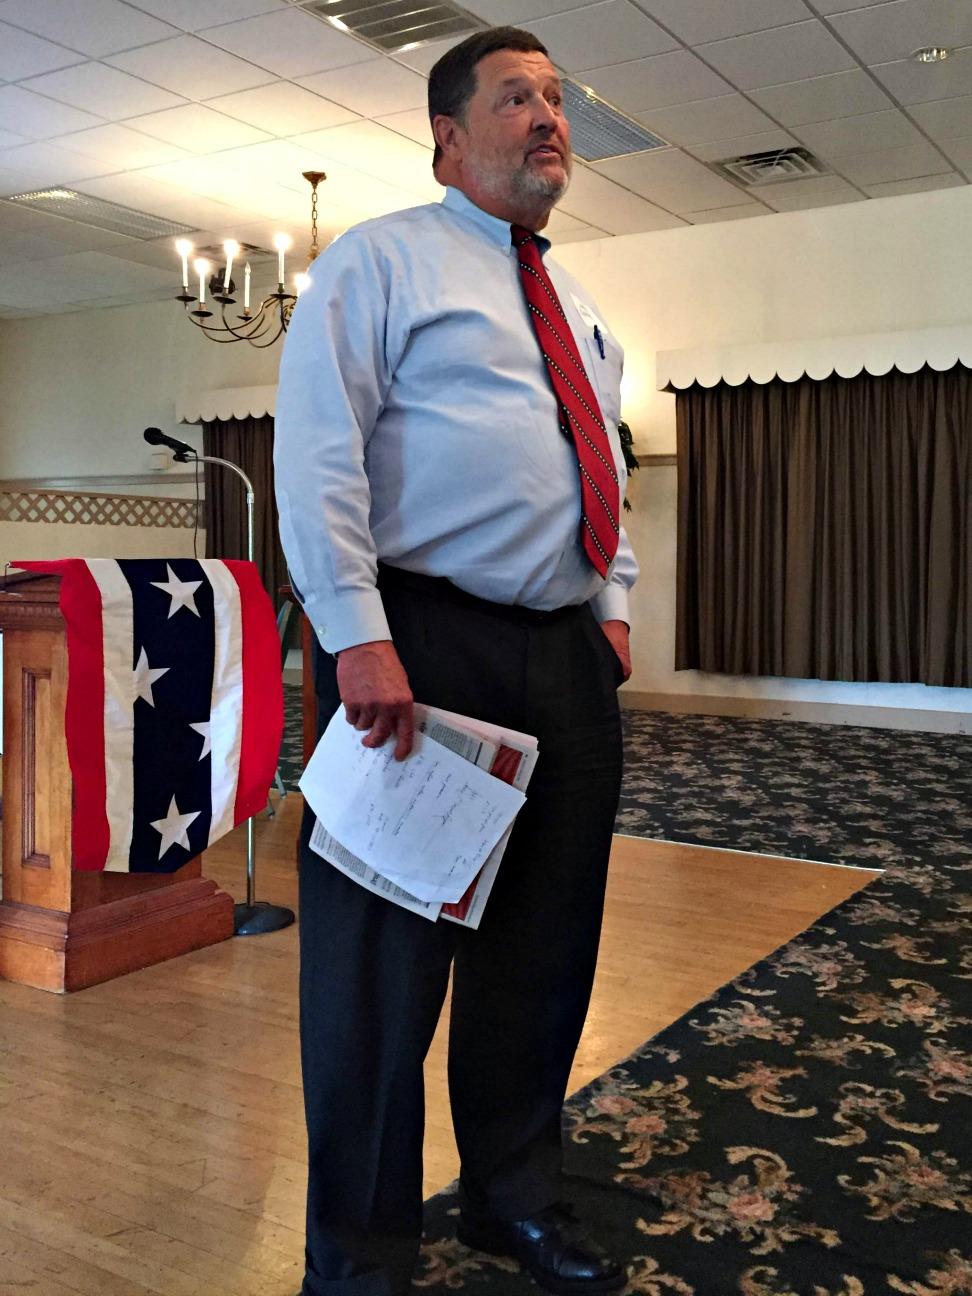 Berks County judge calls for criminal justice, prison reform